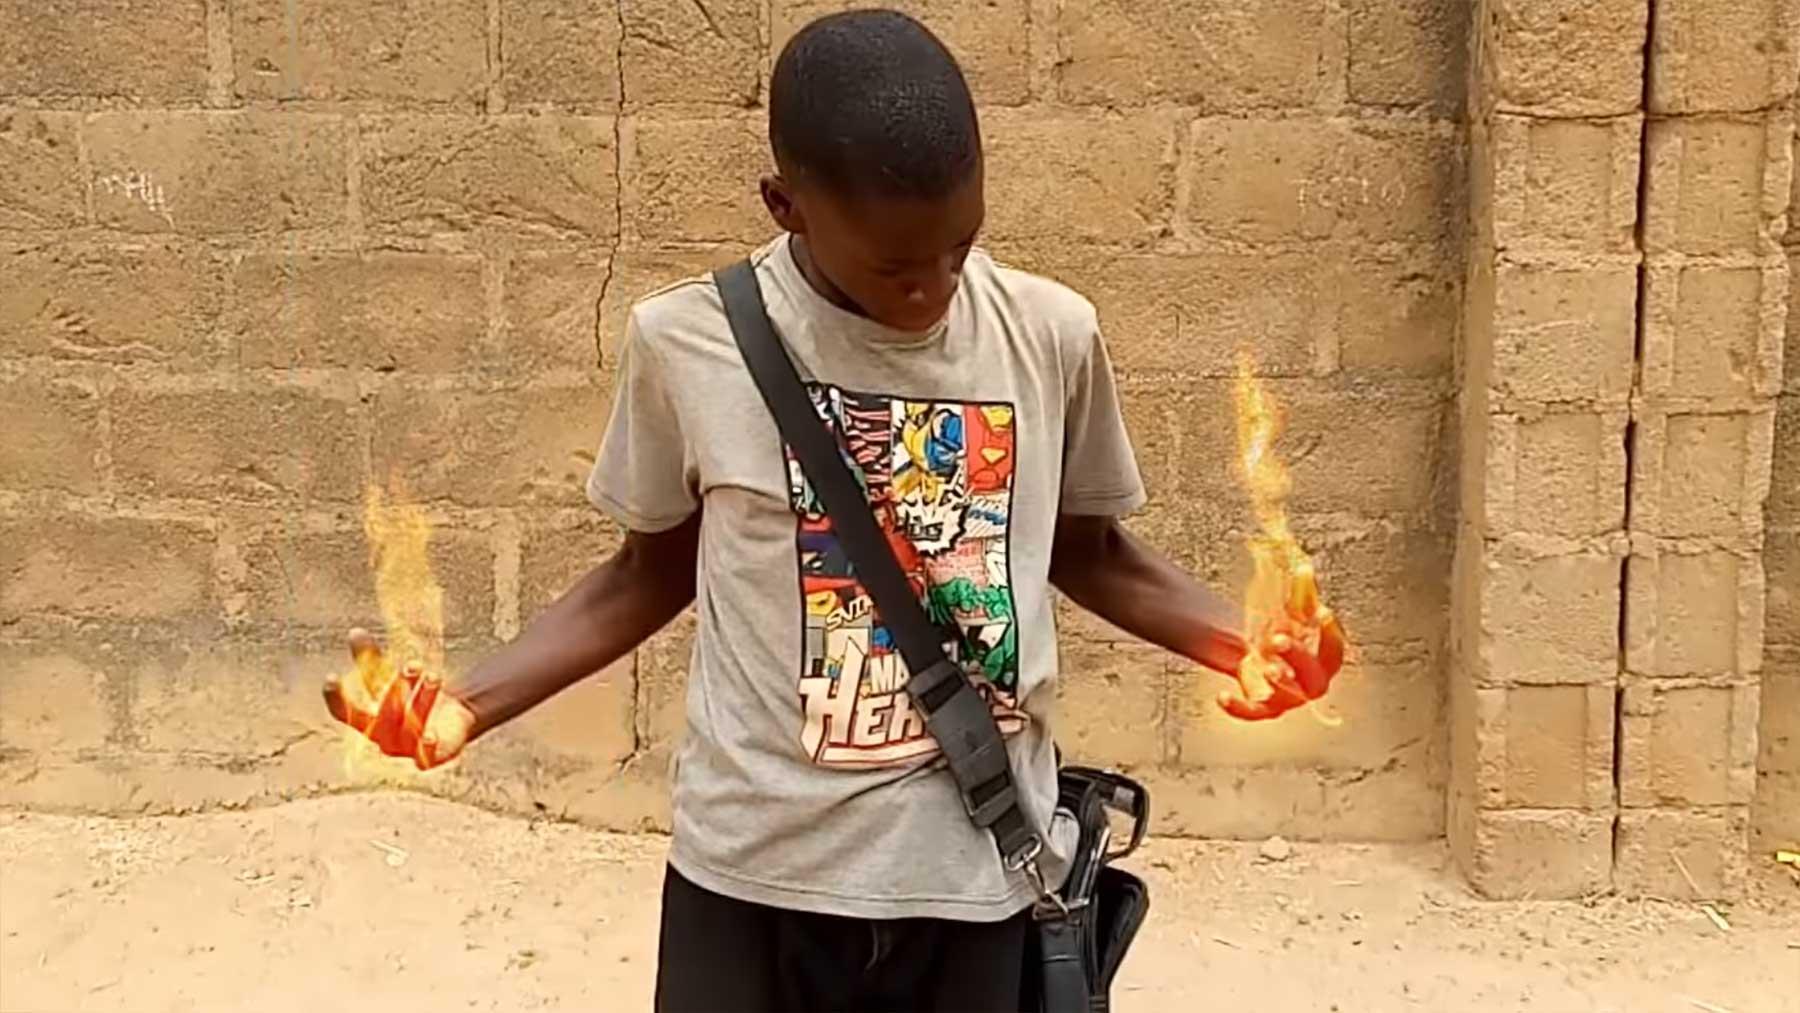 Jung-Filmemacher aus Nigeria verblüffen mit Smartphone-Kurzfilmen chase-cgi-kurzfilm